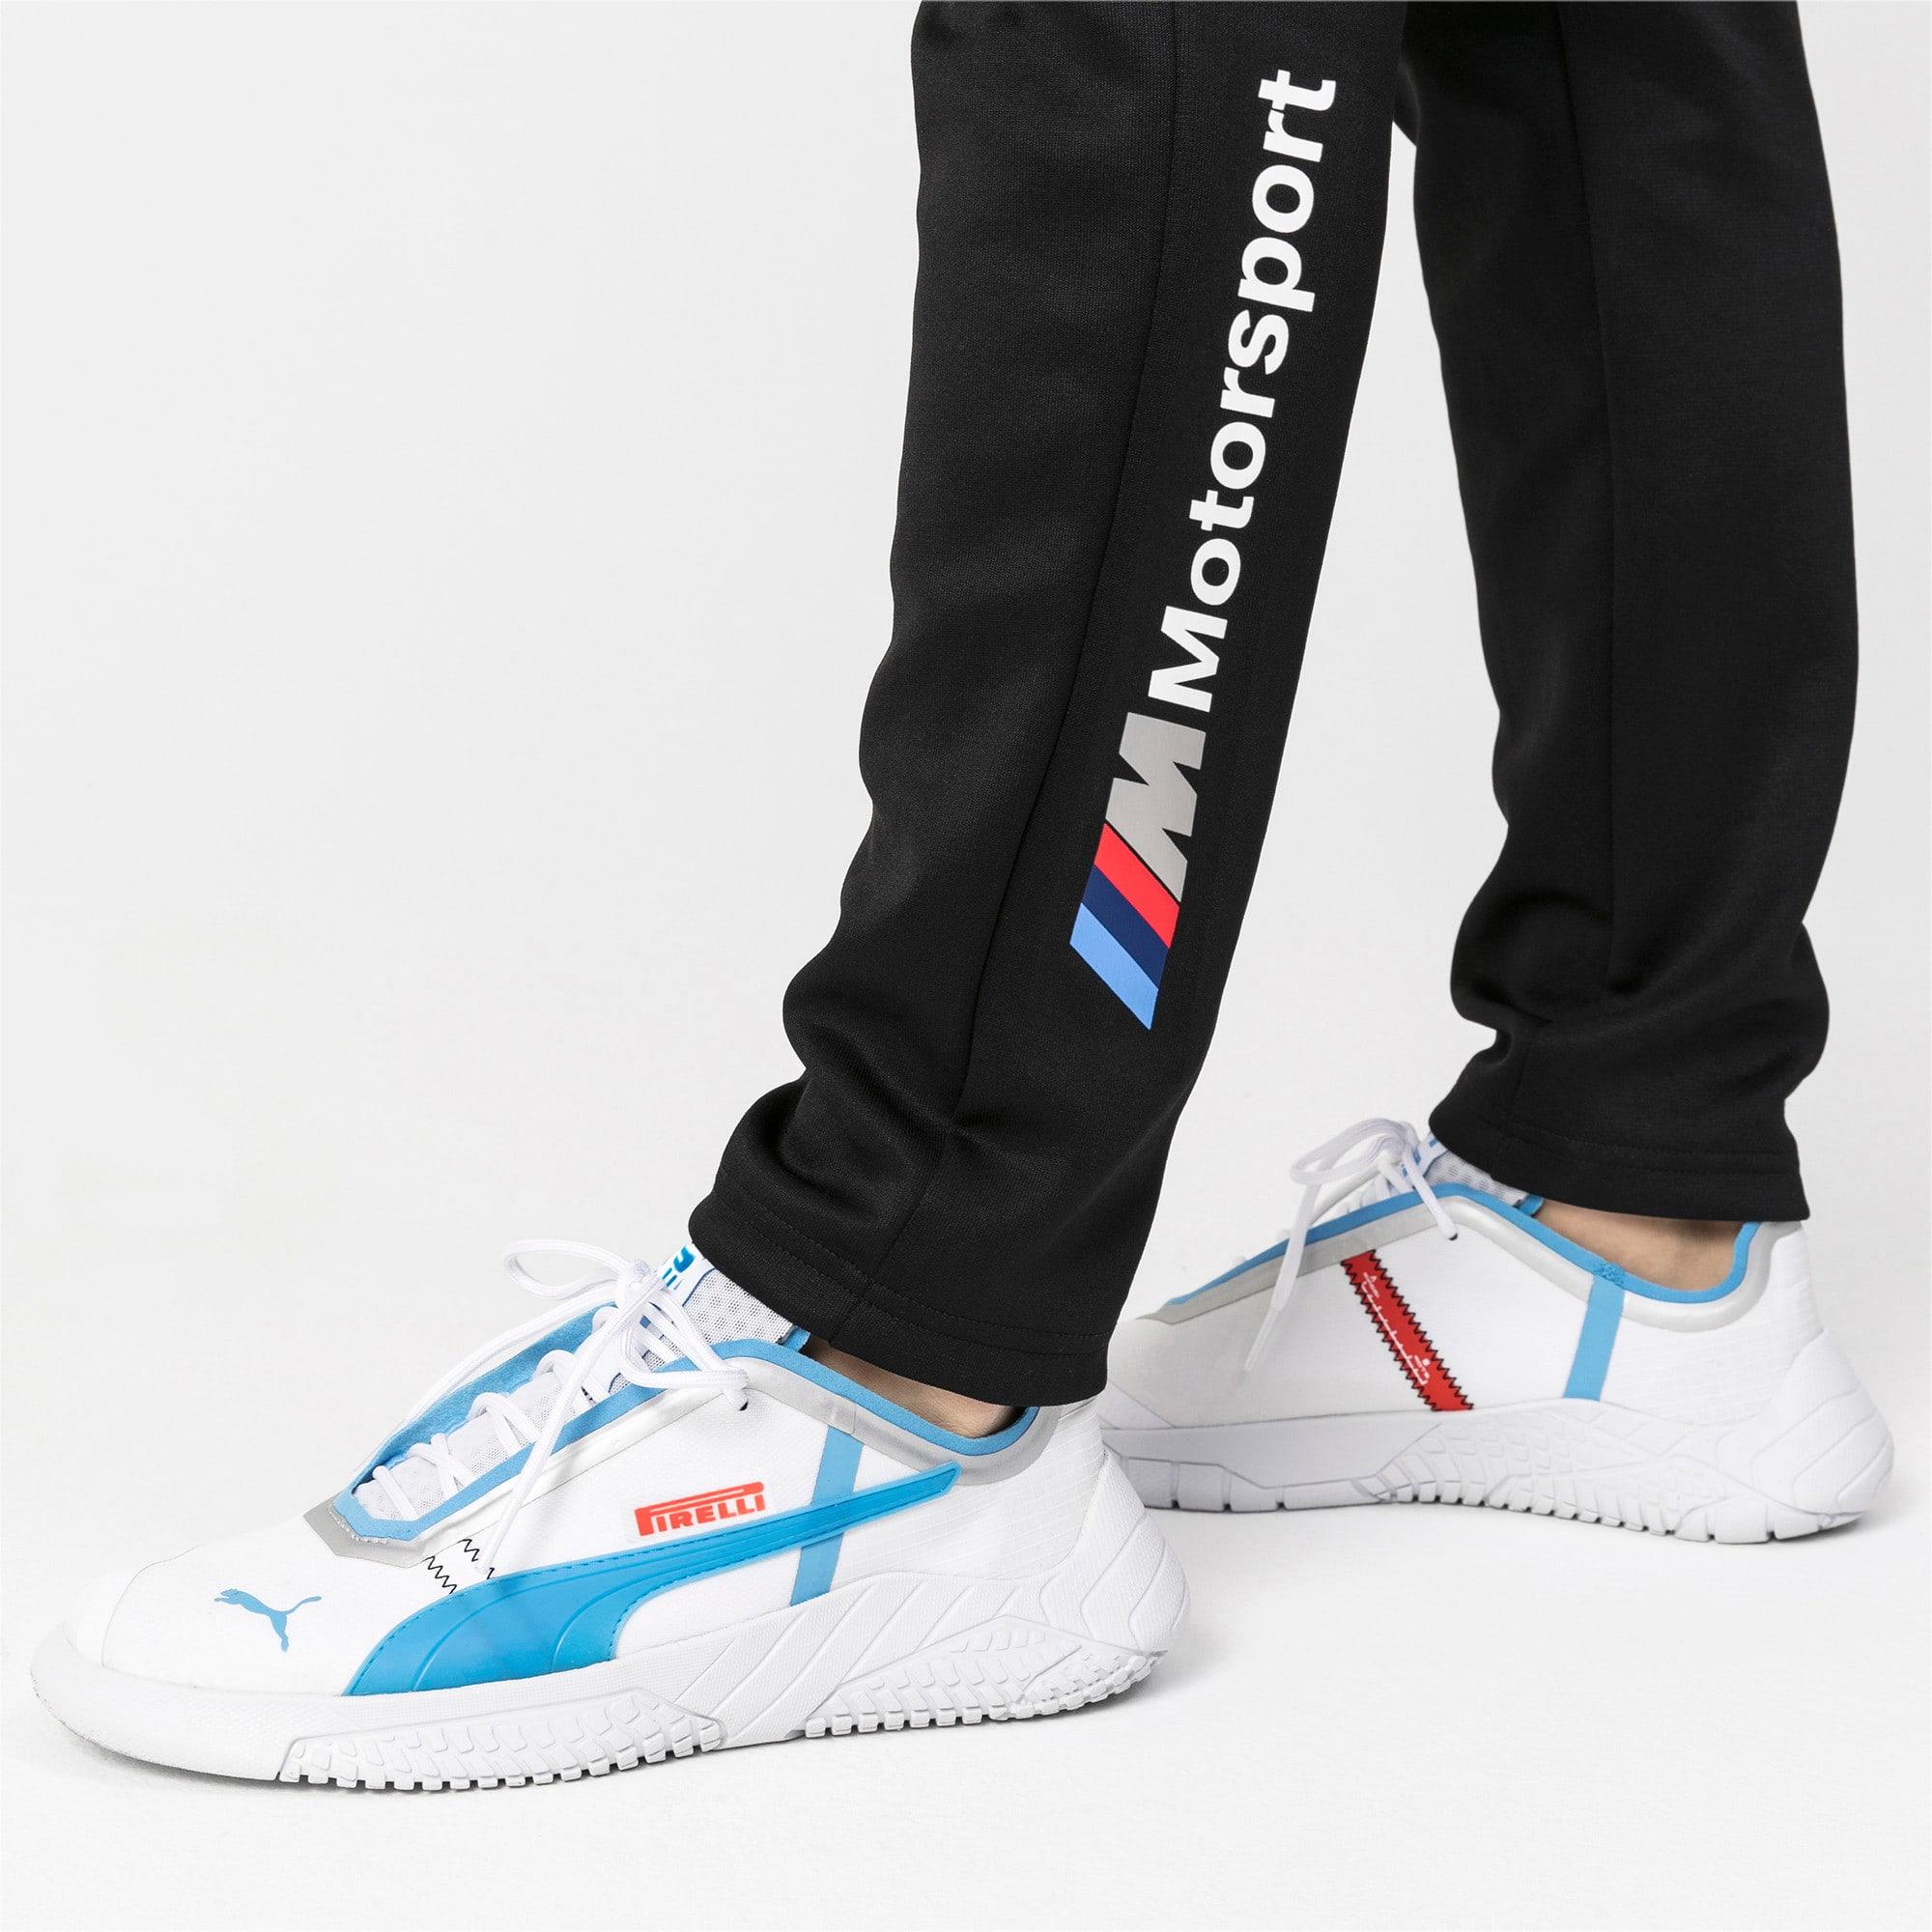 disponibilidad en el reino unido profesional mejor calificado auténtica venta caliente Pantalones de chándal de hombre T7 BMW M Motorsport